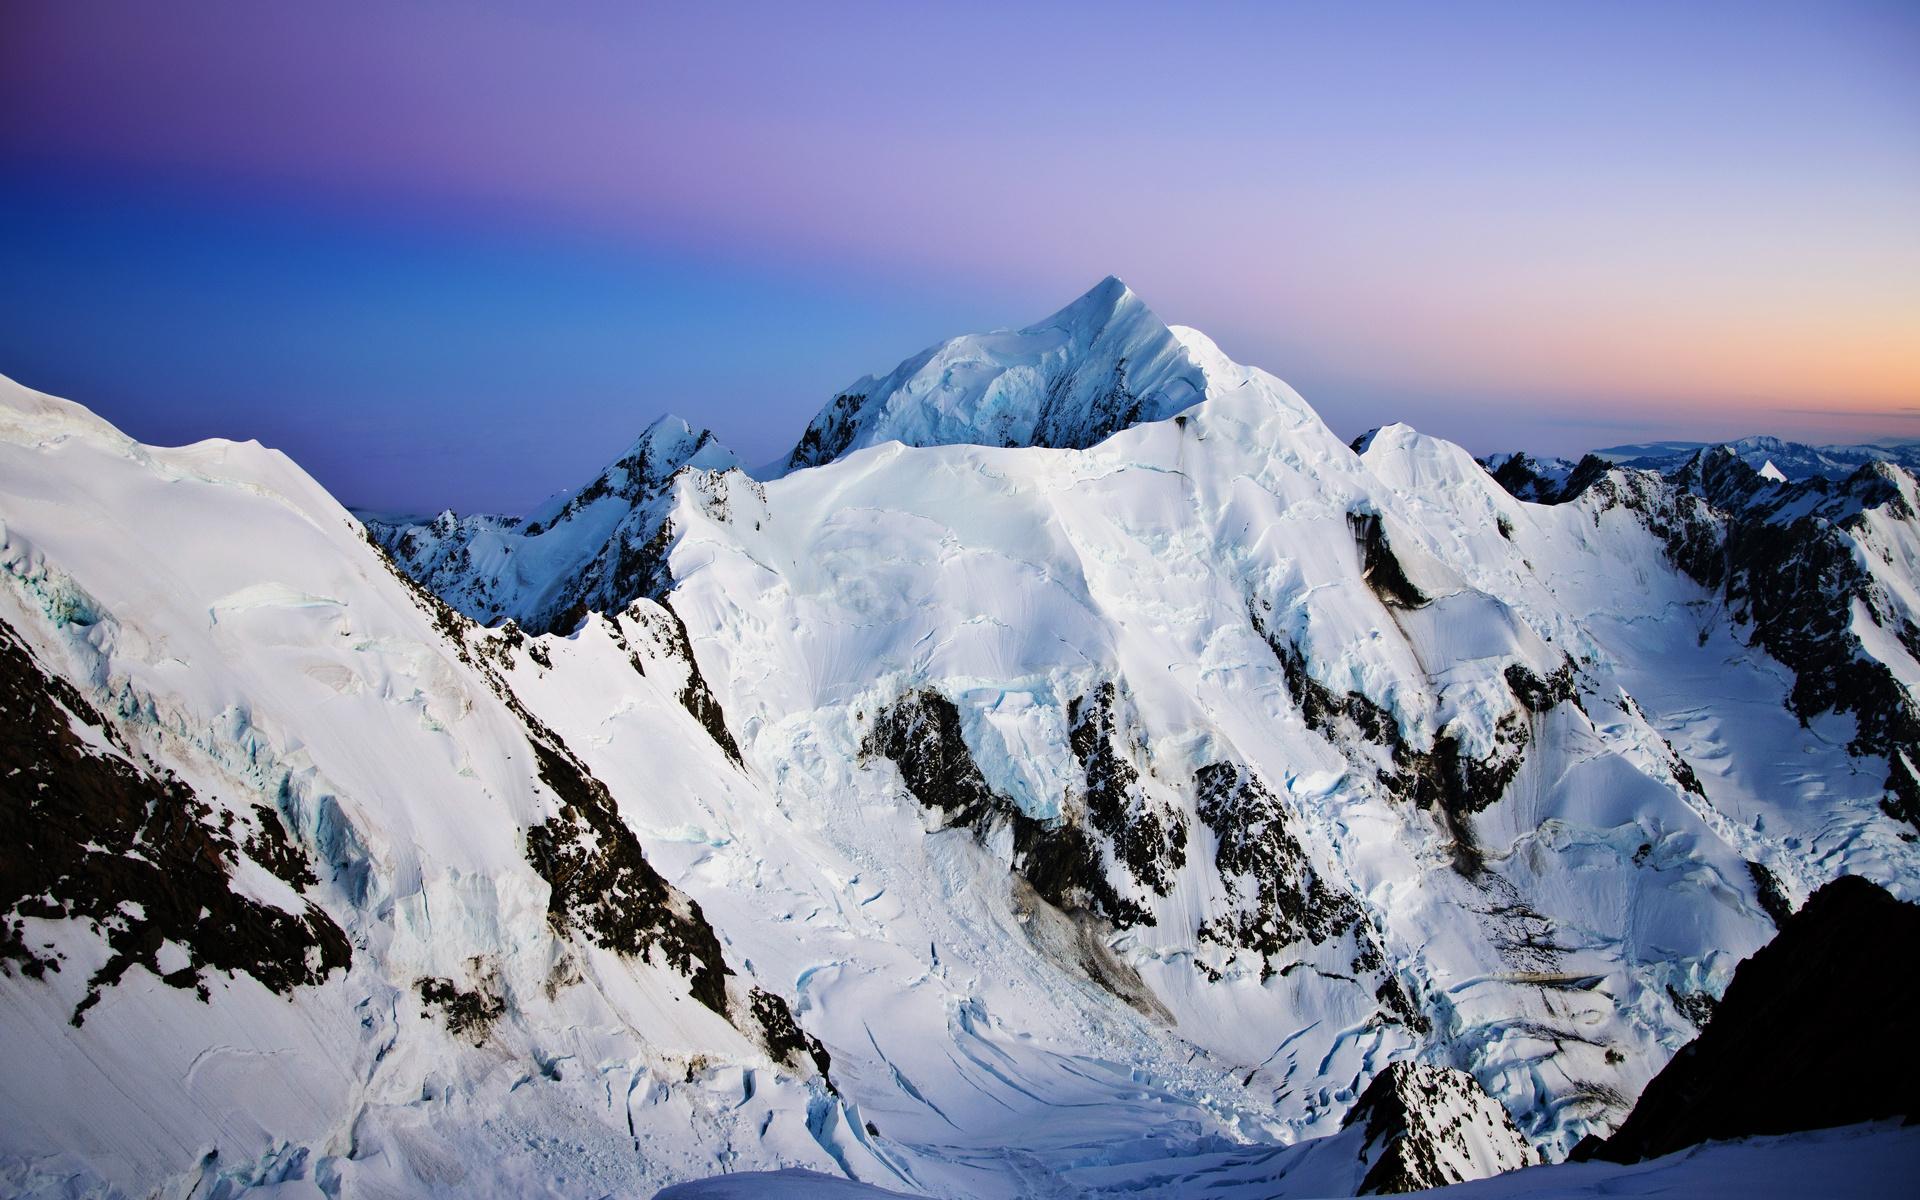 высококвалифицированные картинки обои вершины гор при